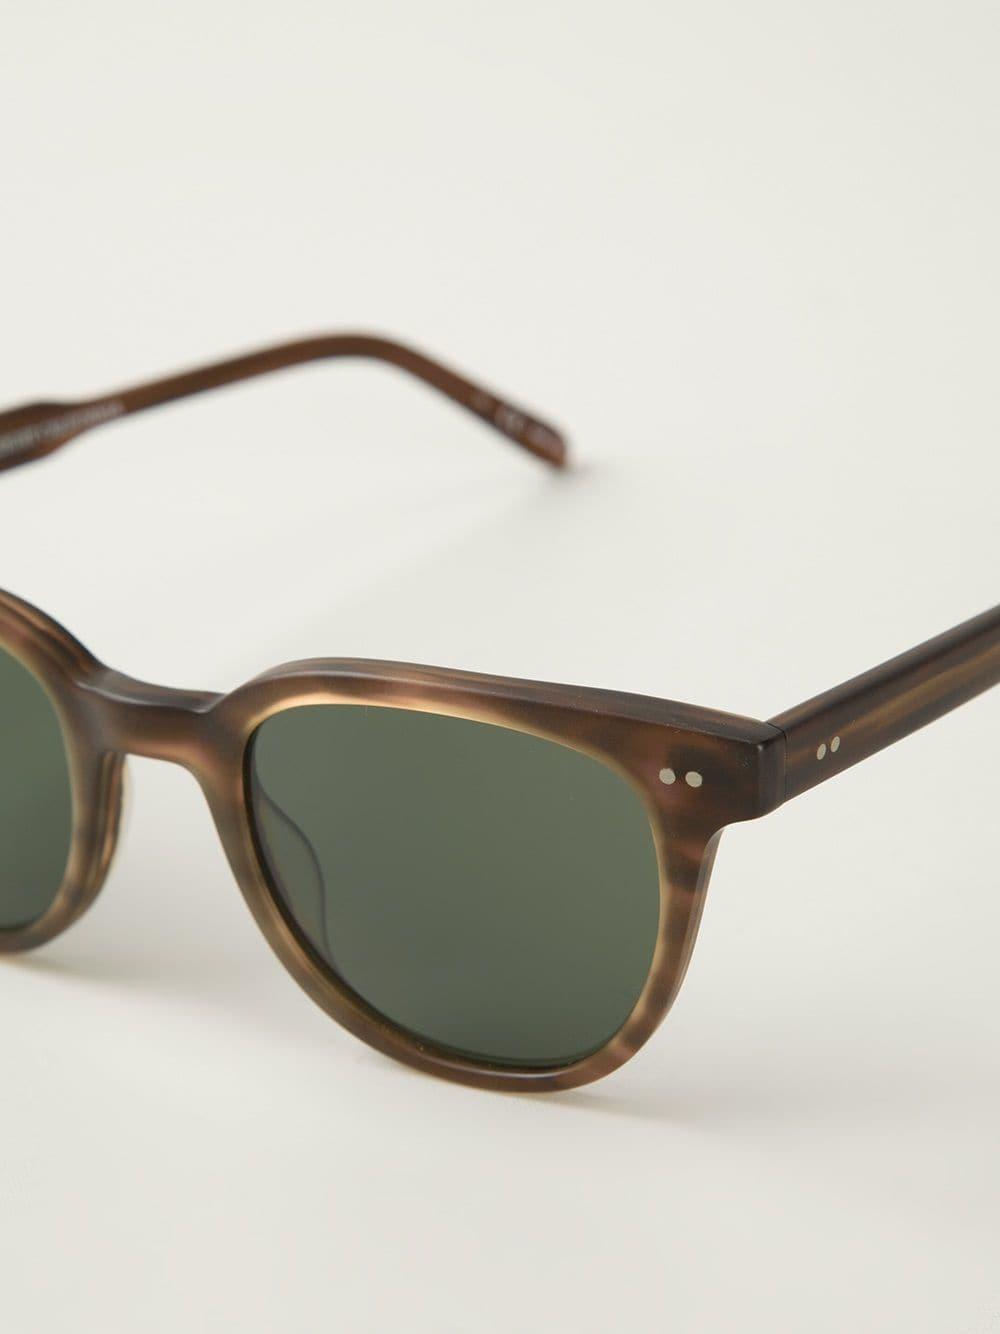 Garrett Leight 'angelus' Sunglasses in Brown